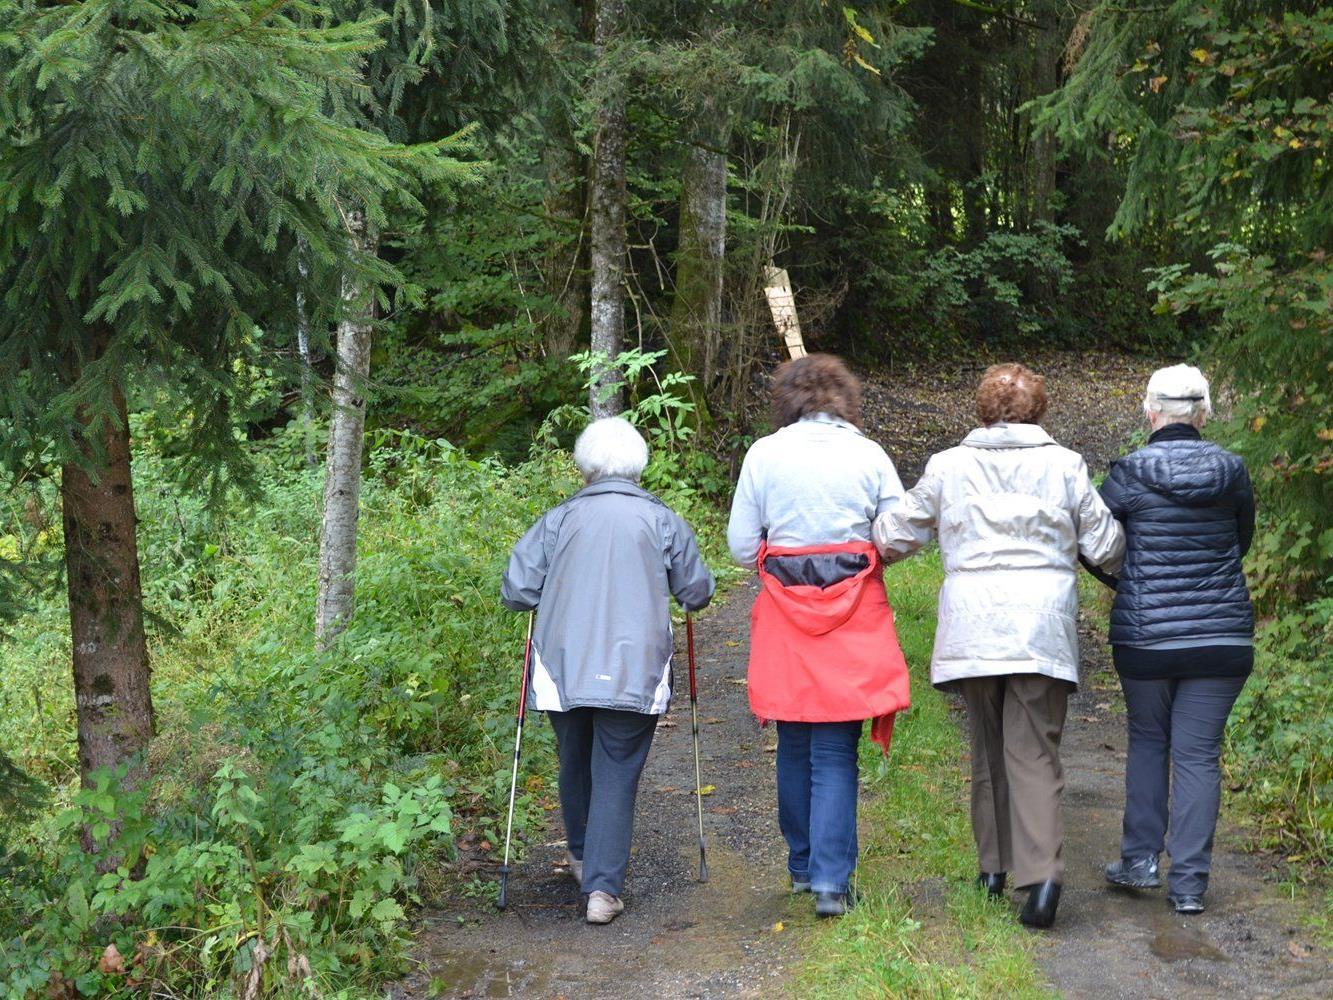 """Unter dem Motto """"Dem Leben vertrauen"""" bietet die Caritas Seniorenarbeit Erholungswochen für Menschen ab 70 Jahren an."""